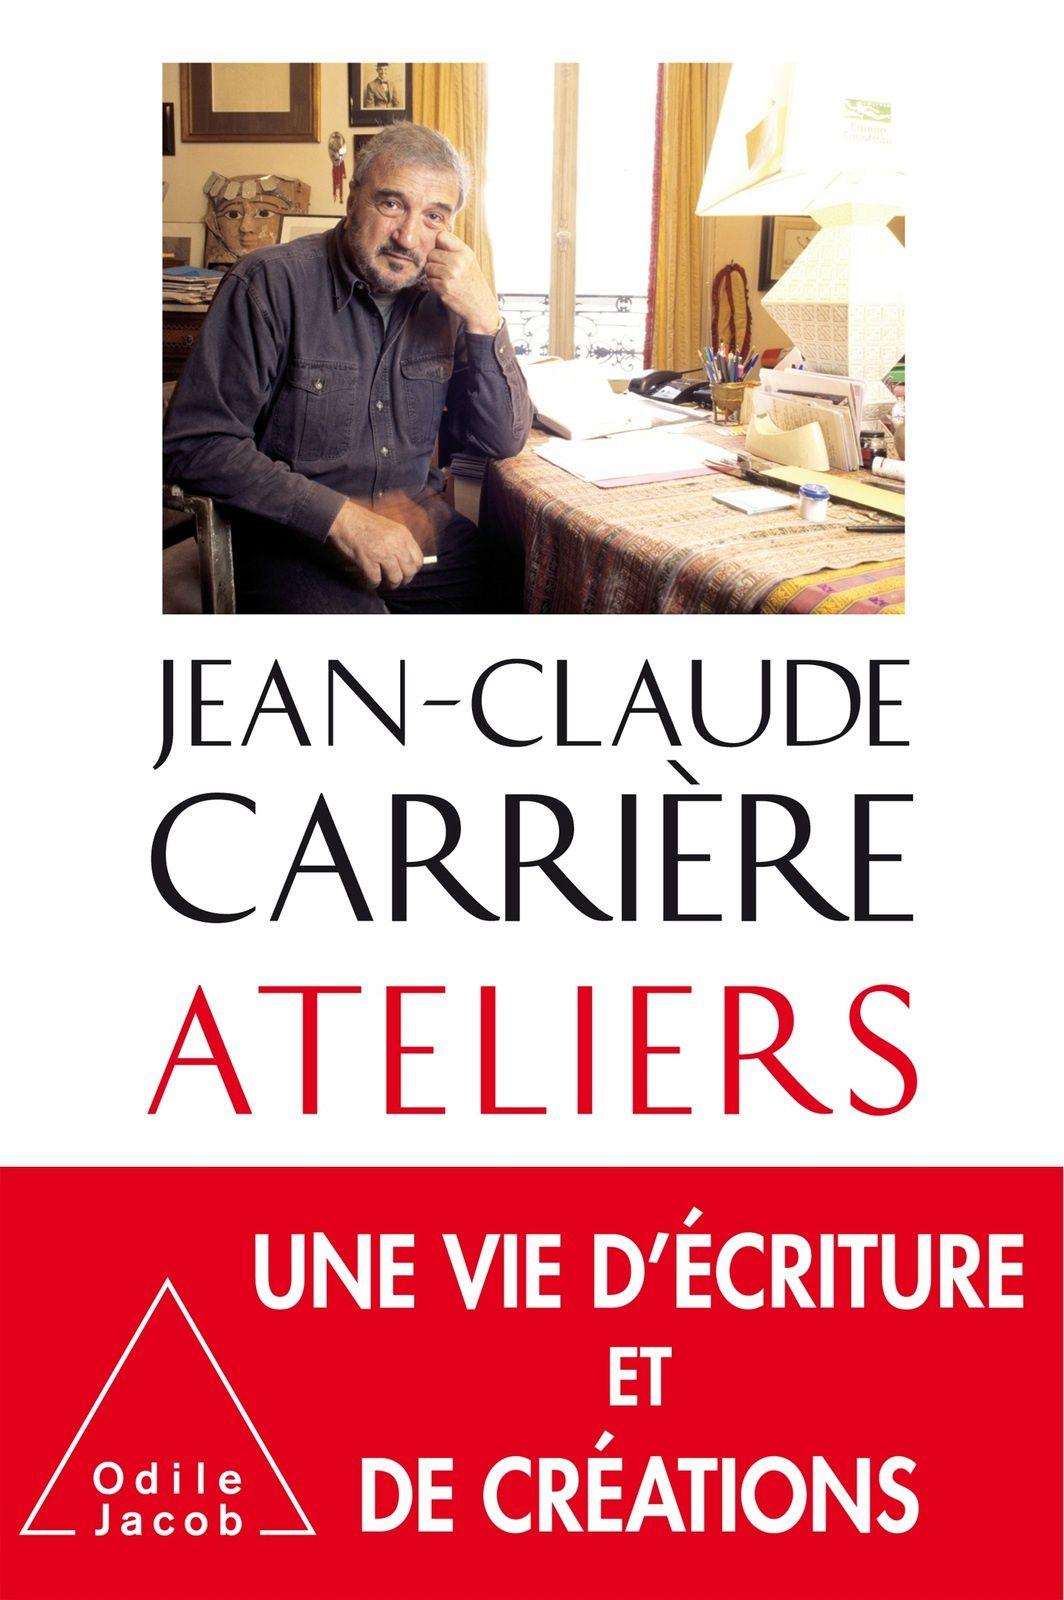 #Culture - #Livre - ATELIERS par Jean-Claude Carrière aux éditions Odile Jacob.